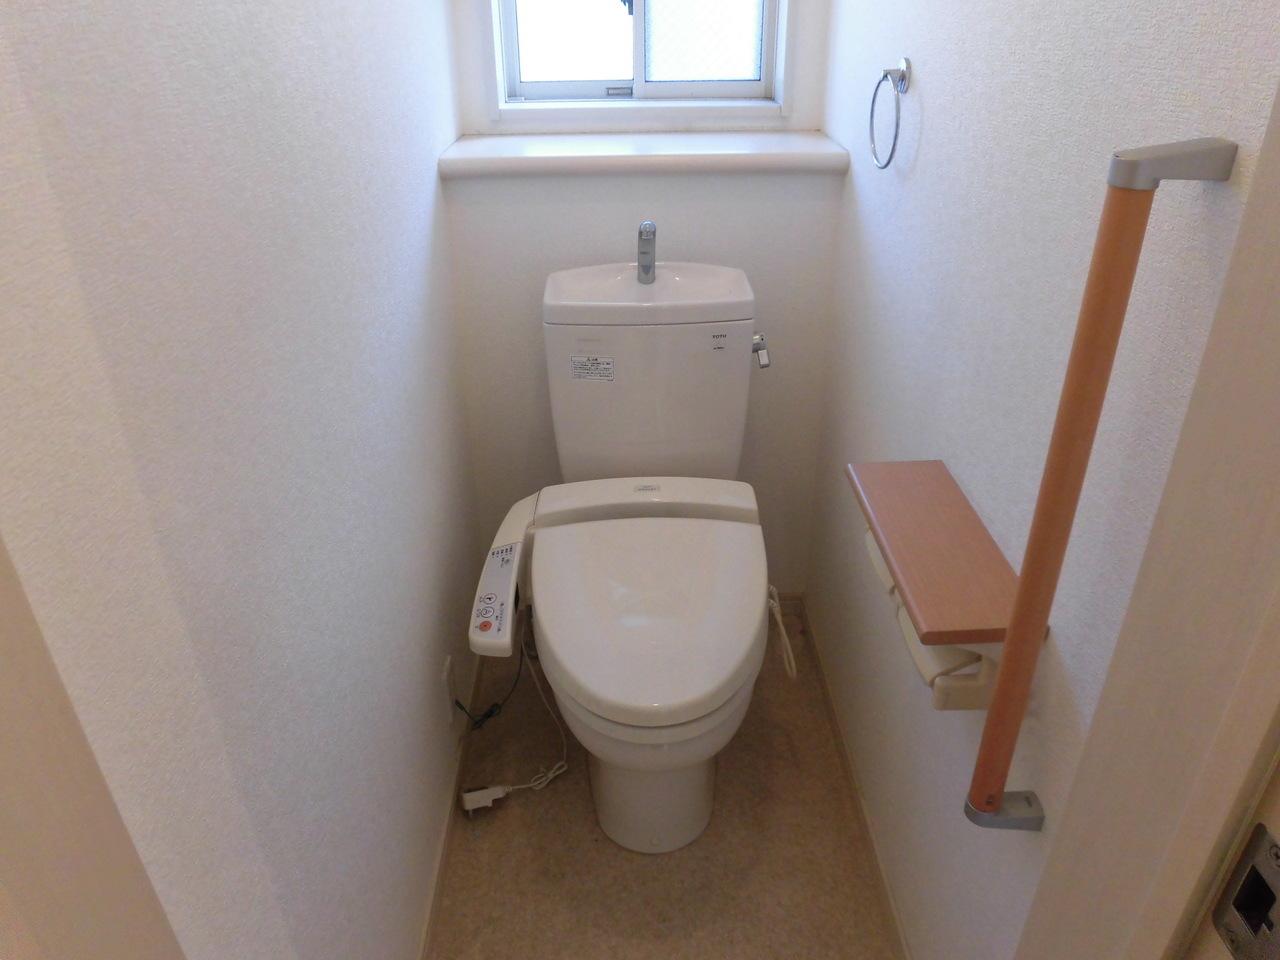 手摺りのあるトイレです。窓もあり採光がとれています。